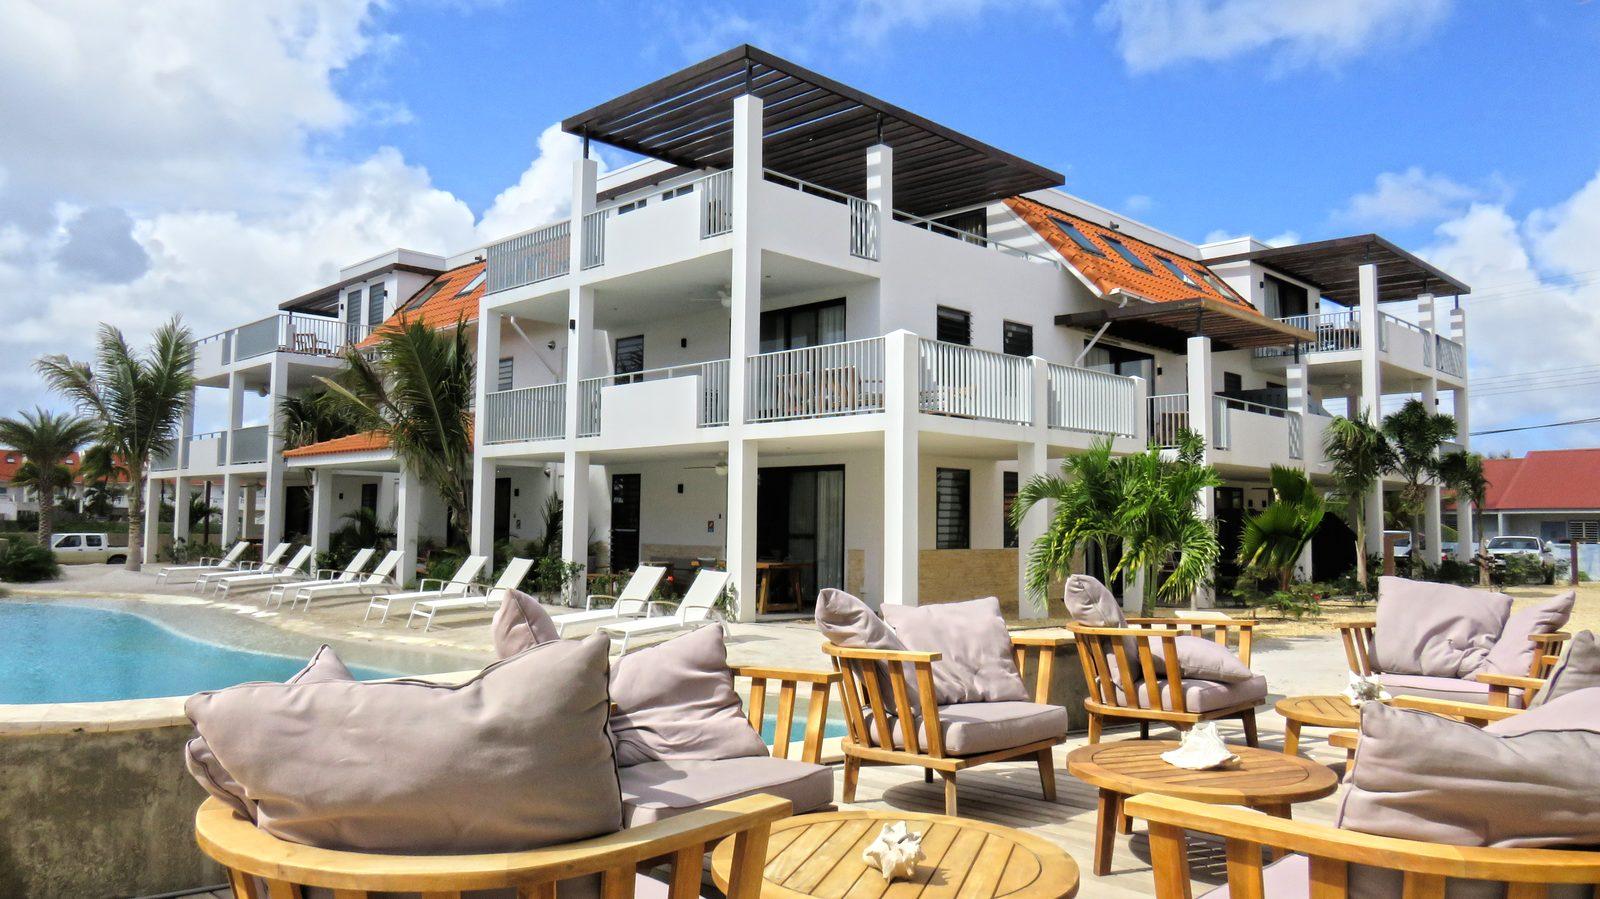 Eine Bar auf Bonaire? Auch das gibt es im Resort Bonaire. Wir haben eine Poolbar neben dem Sandstrand. Genießen Sie hier ein Getränk und kleine Mahlzeiten.